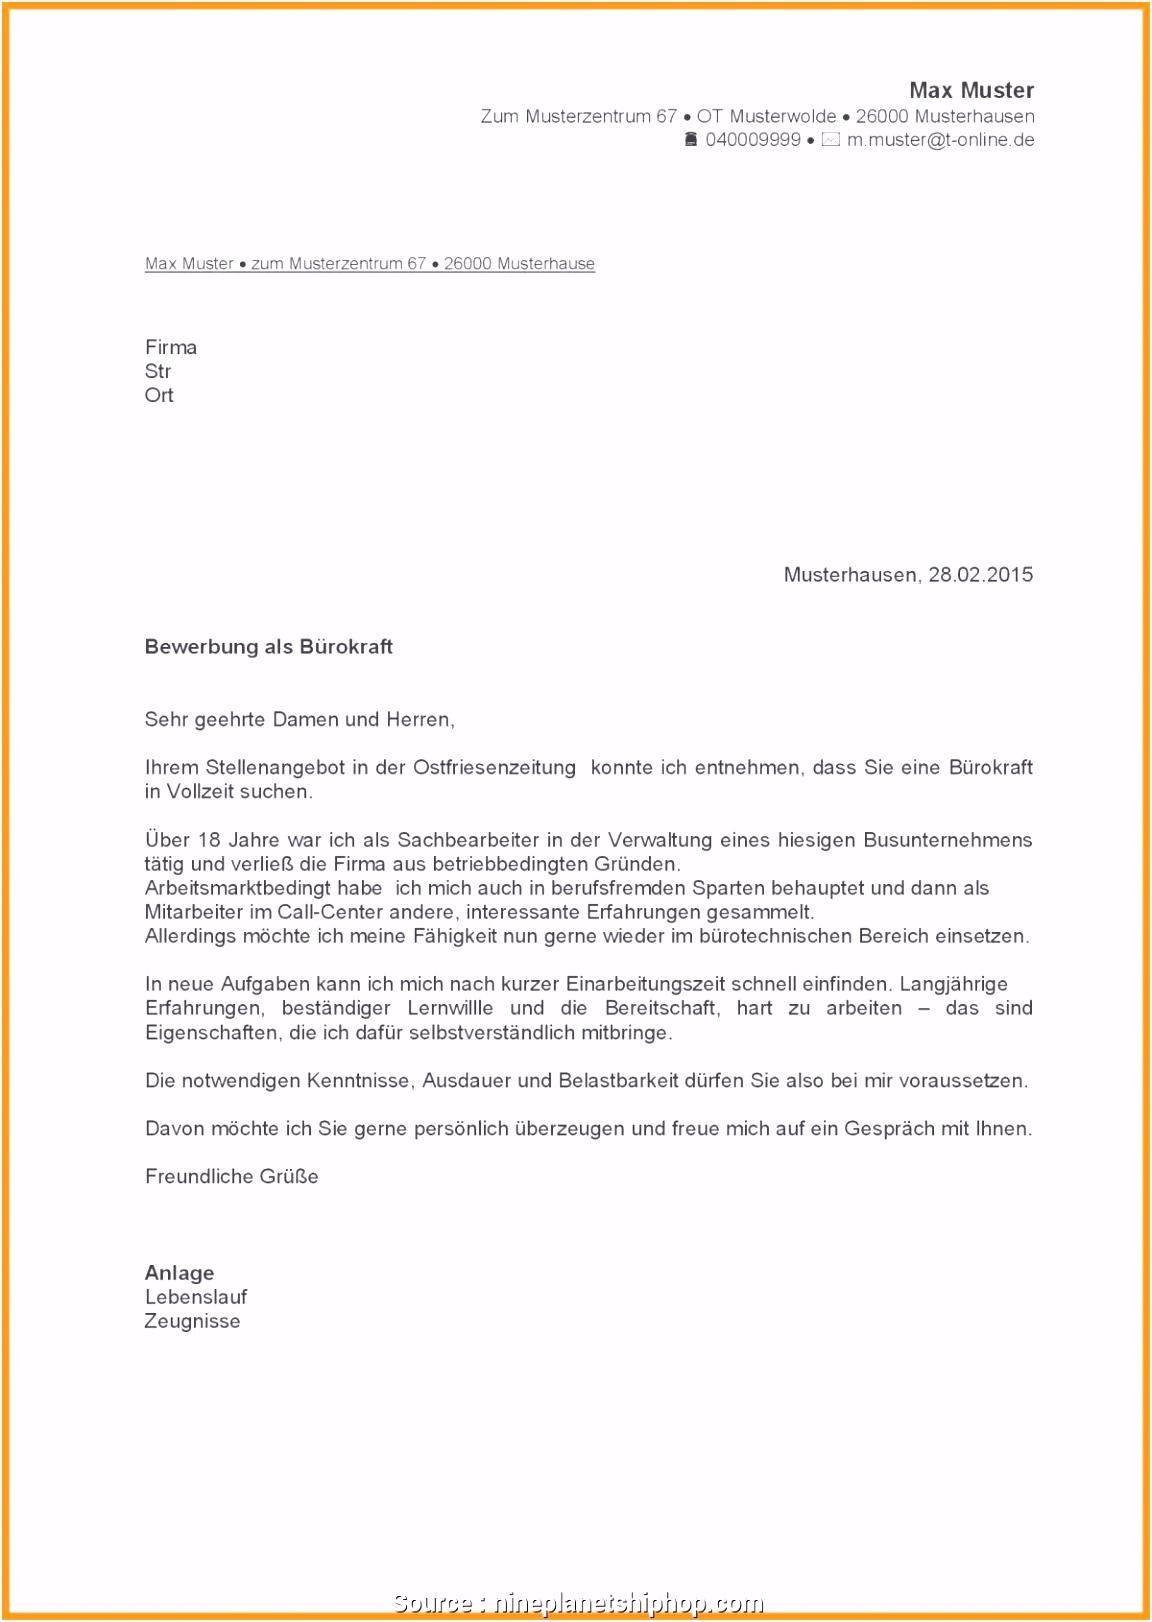 Vorlage Kundigungsschreiben Gut Kündigungsschreiben Vorlage Arbeitgeber Pdf astro Labium Press E5fd82swg8 N4ys50ifv5